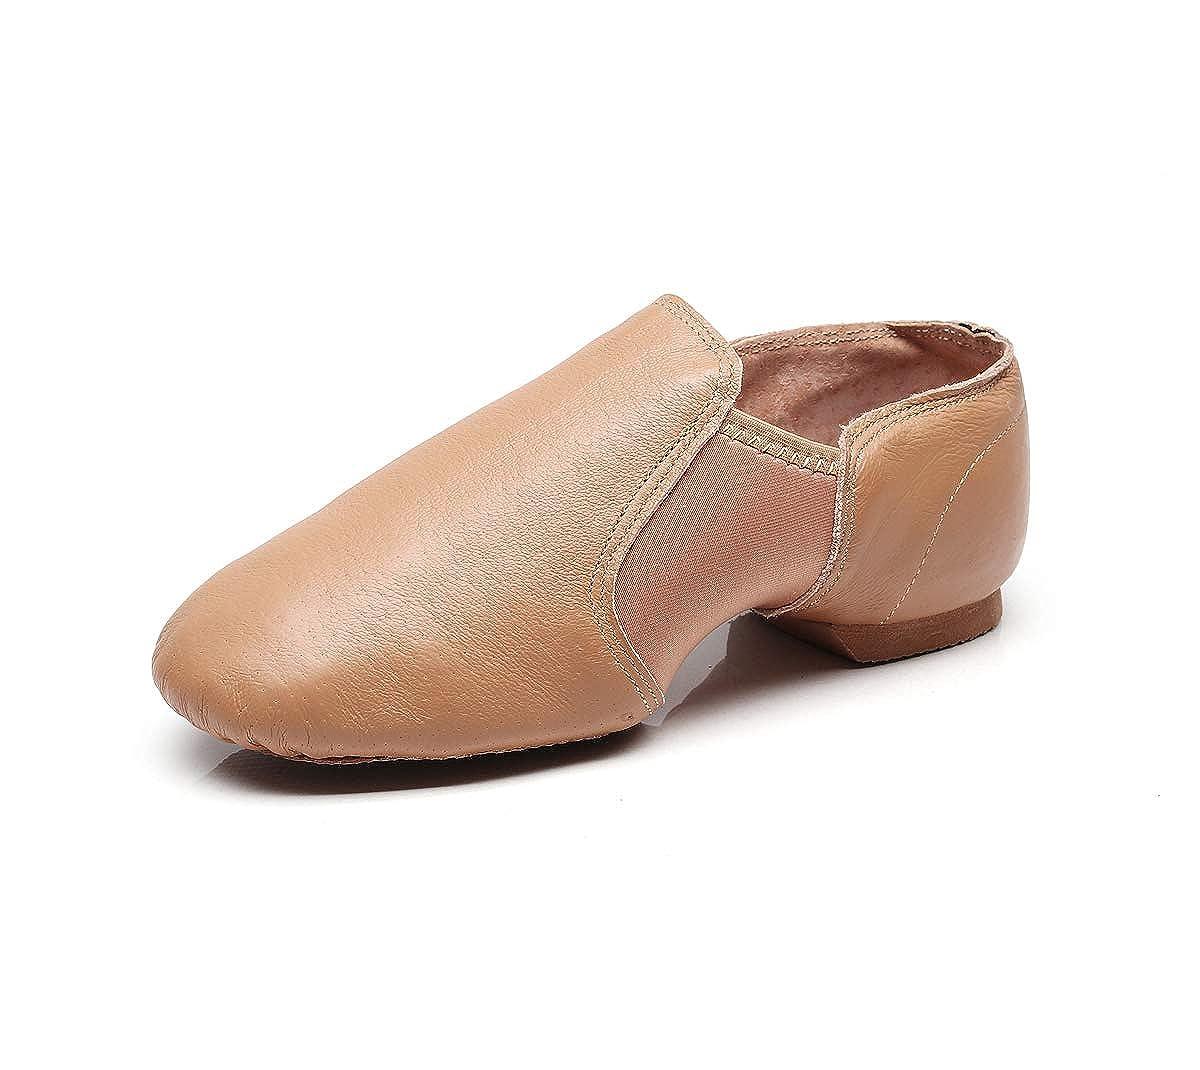 DoGeek antidé rapant en Cuir sur Jazz Dance Chaussures Arches Split Semelle en né oprè ne Disponible en 2 Couleurs